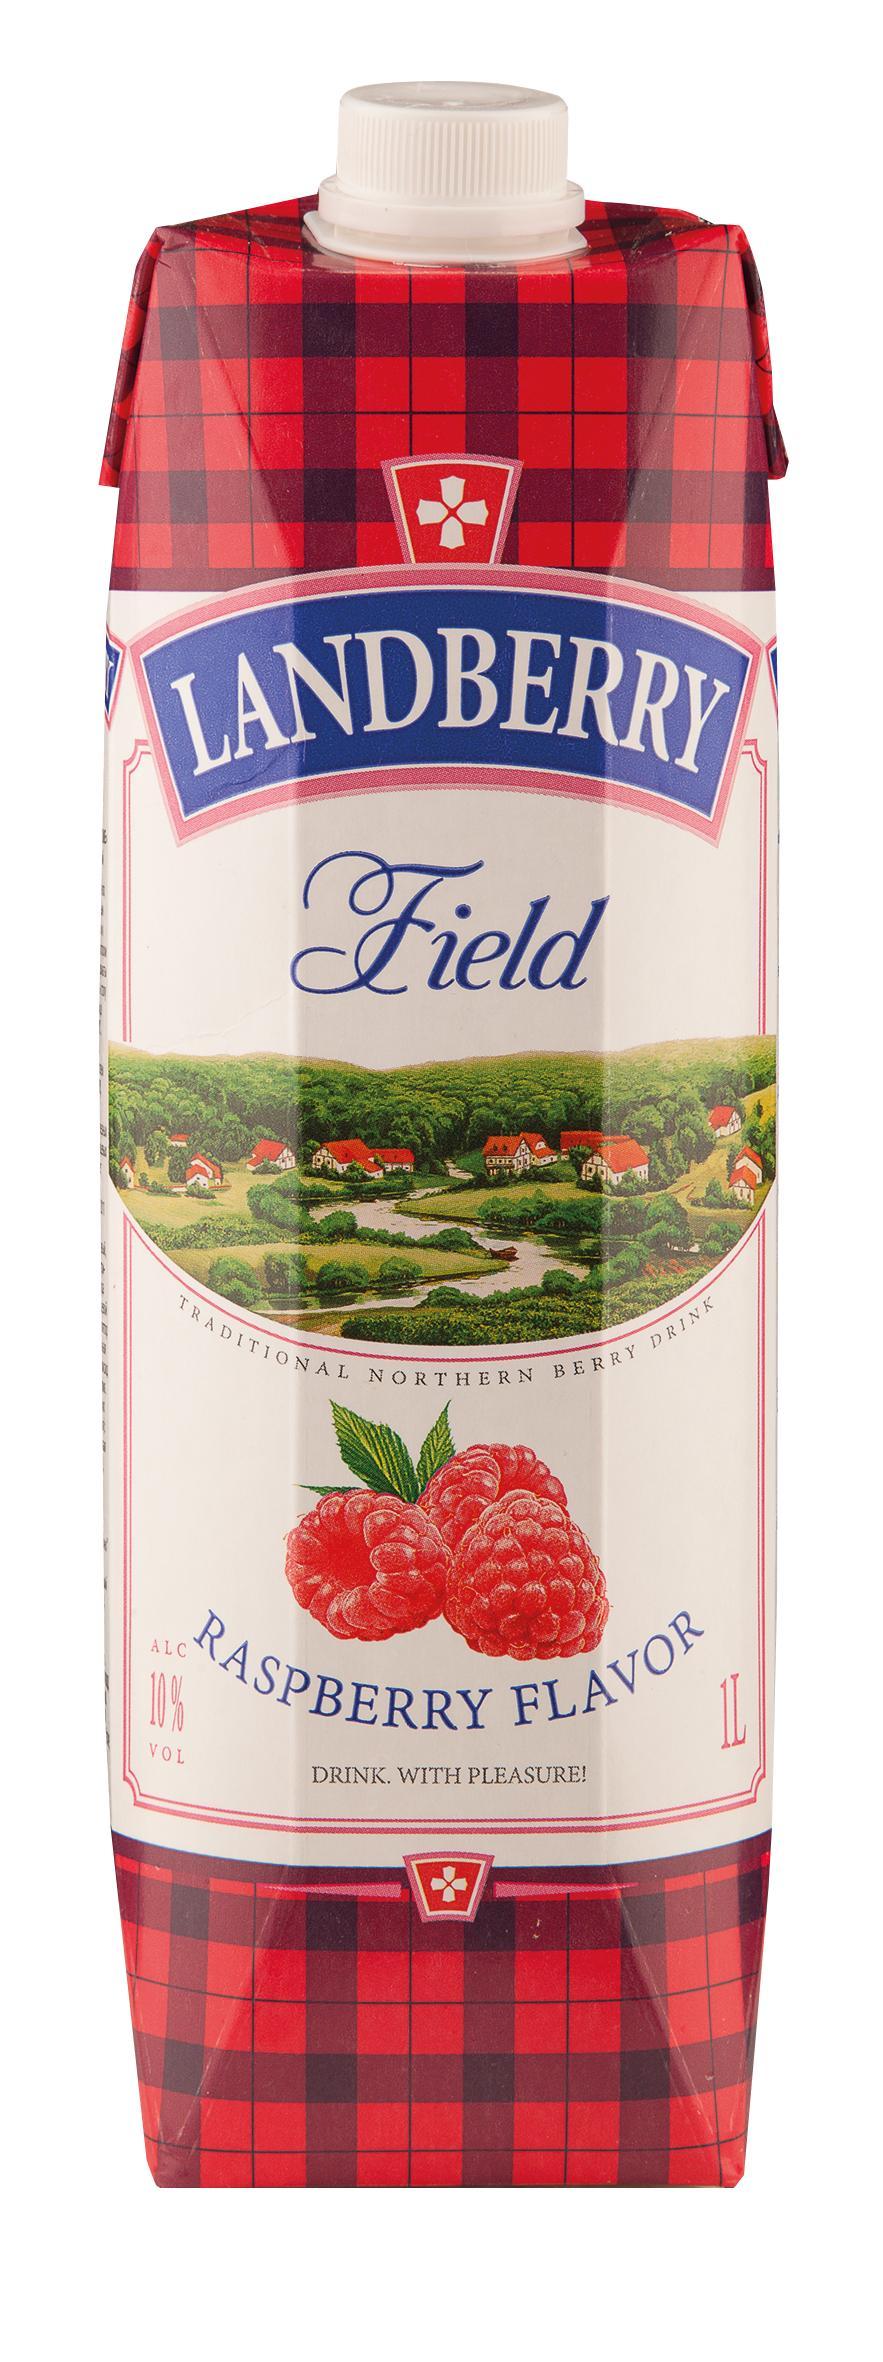 Винный напиток Союз-Вино Landberry Field Raspberry flavor красный сладкий 10%